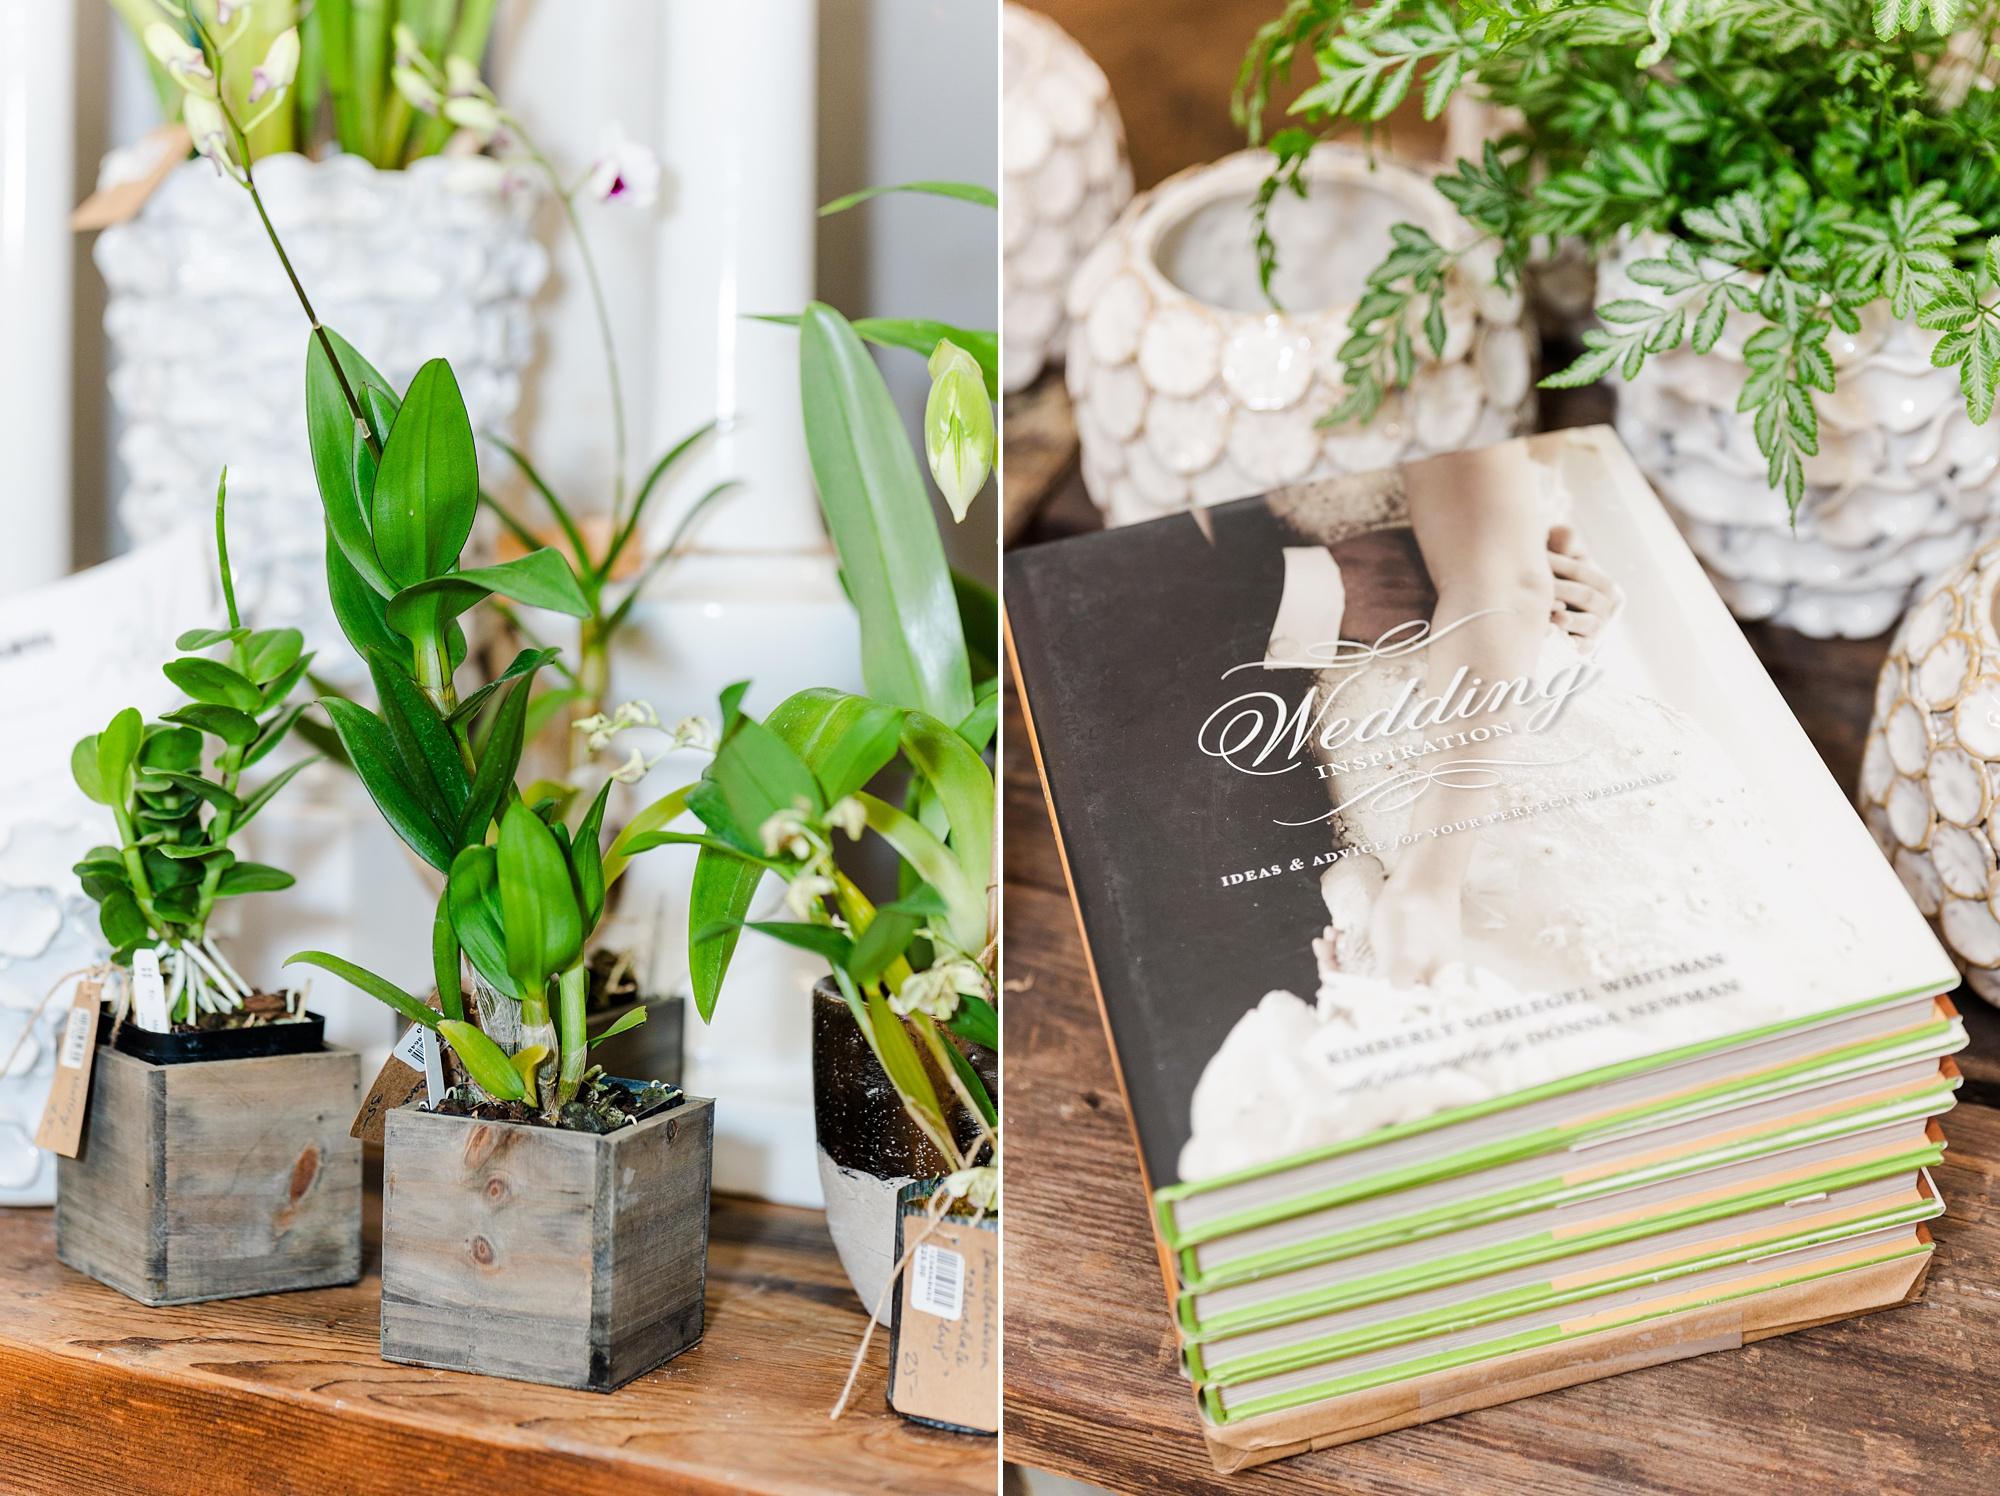 Mobile AL florist displays wedding books in storefront